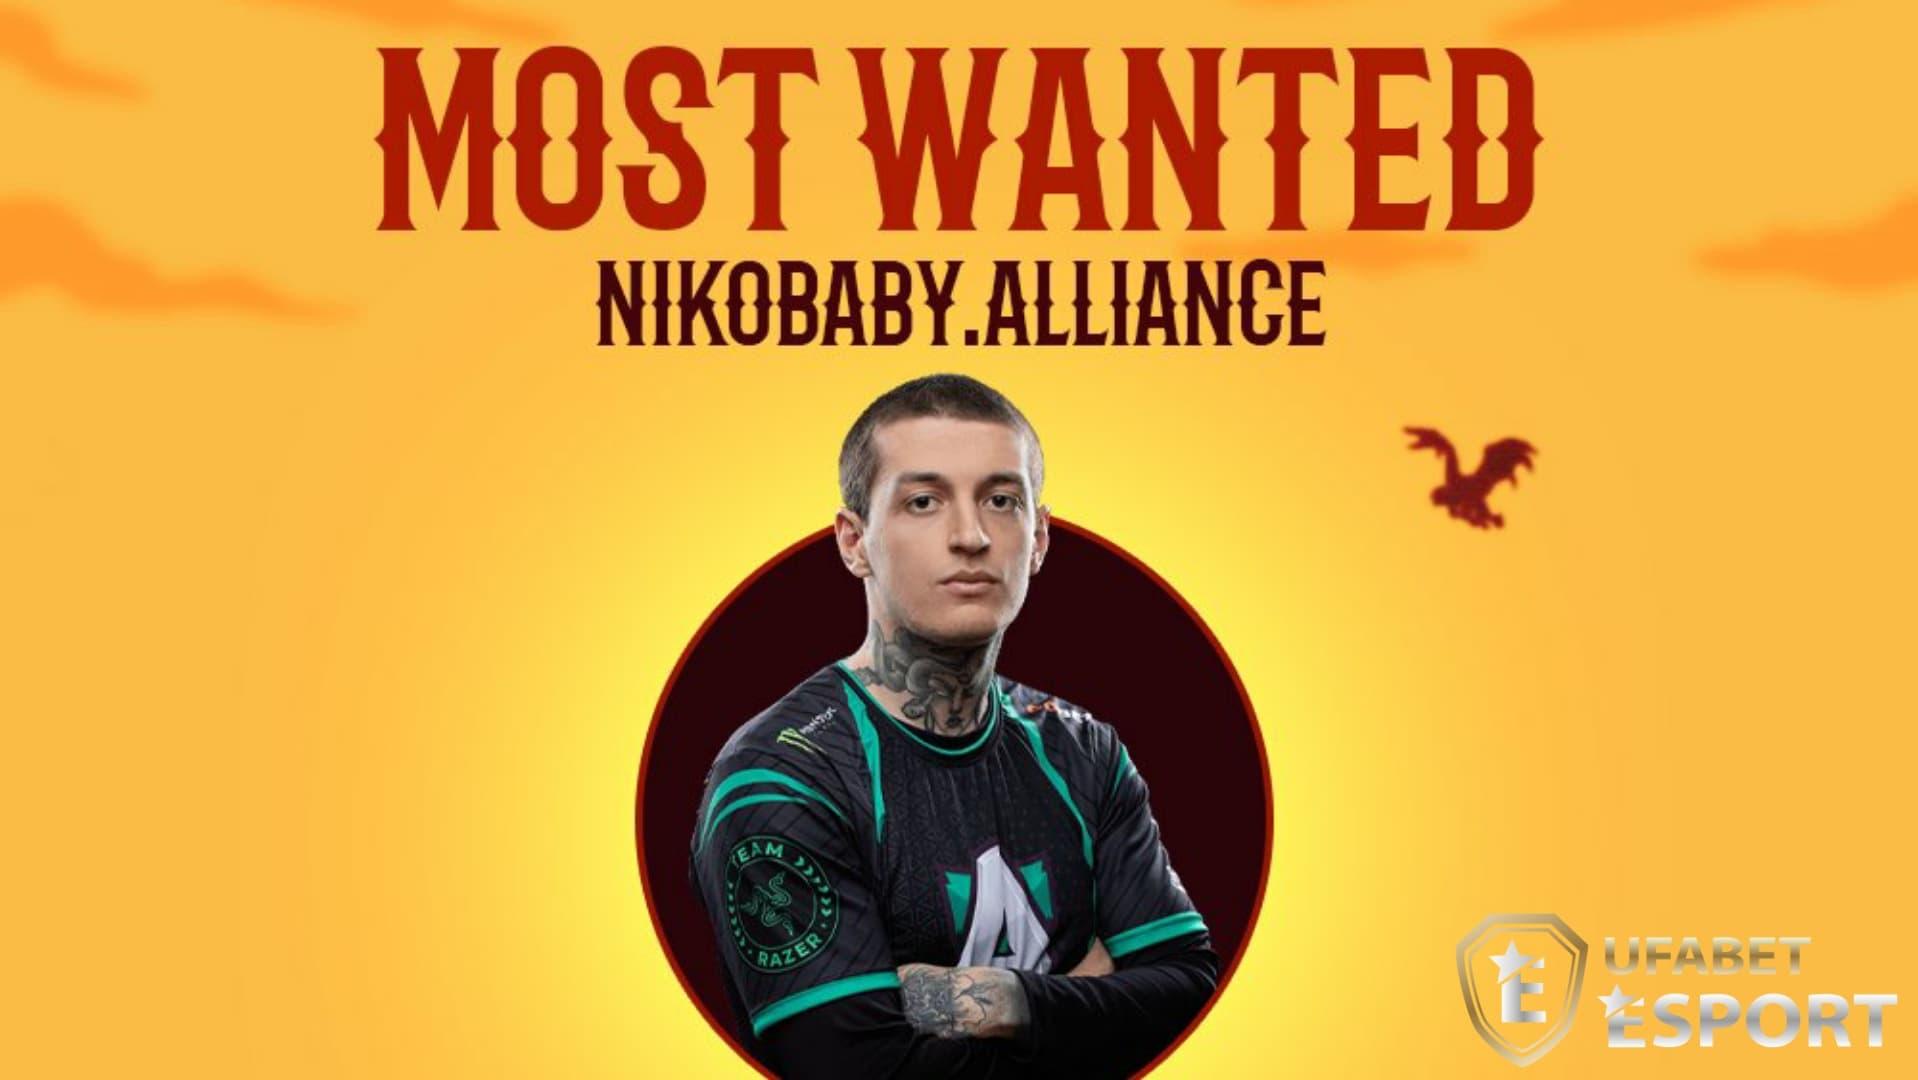 nikobaby alliance